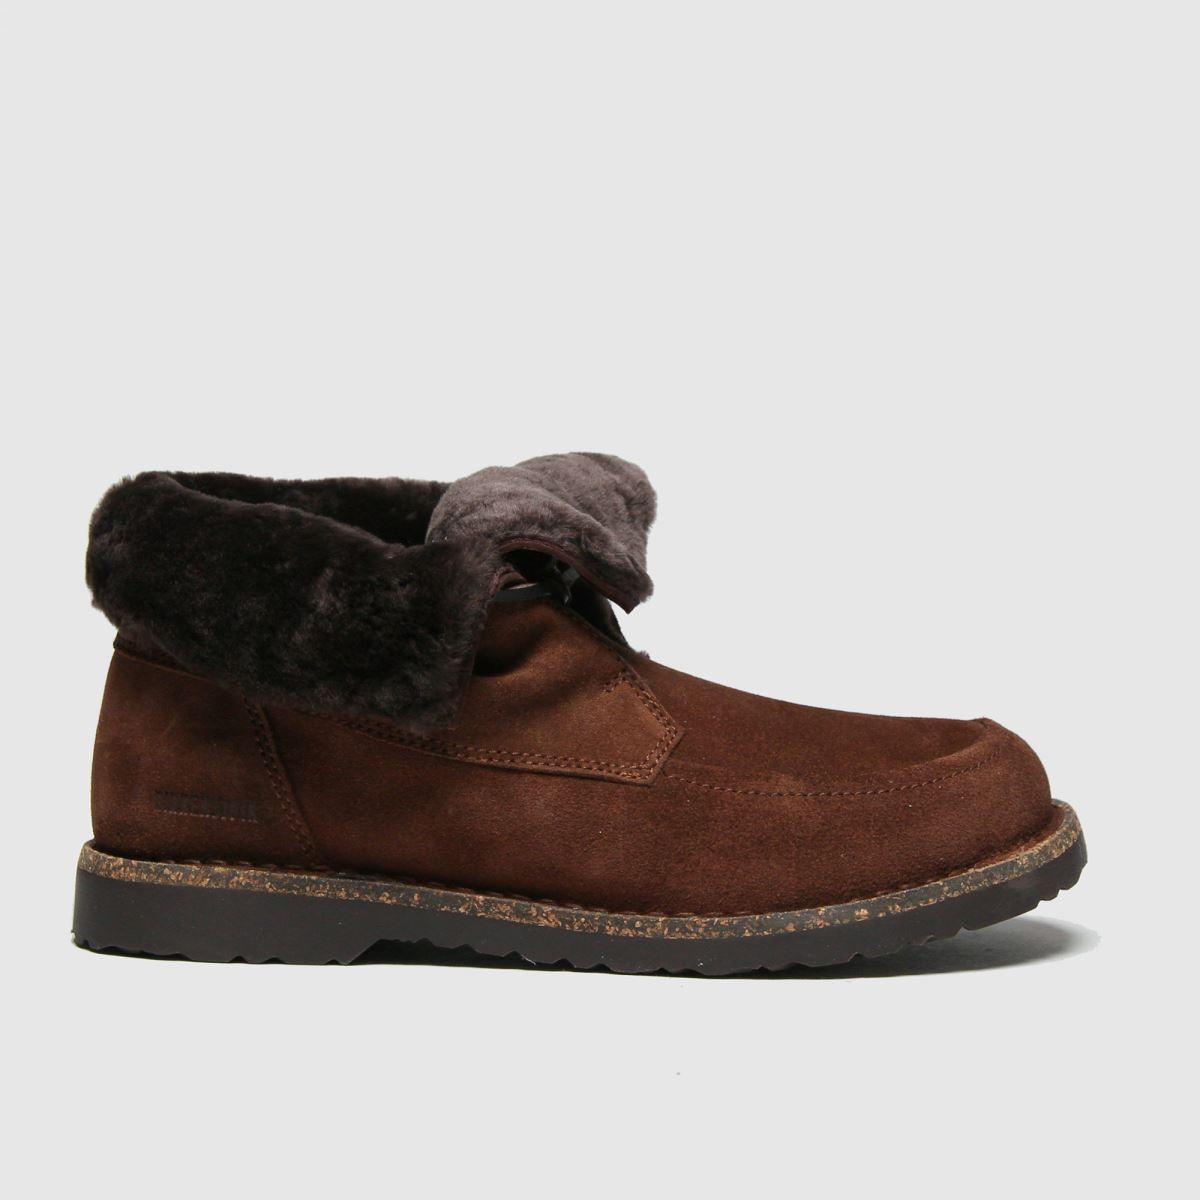 BIRKENSTOCK Brown Bakki Boots